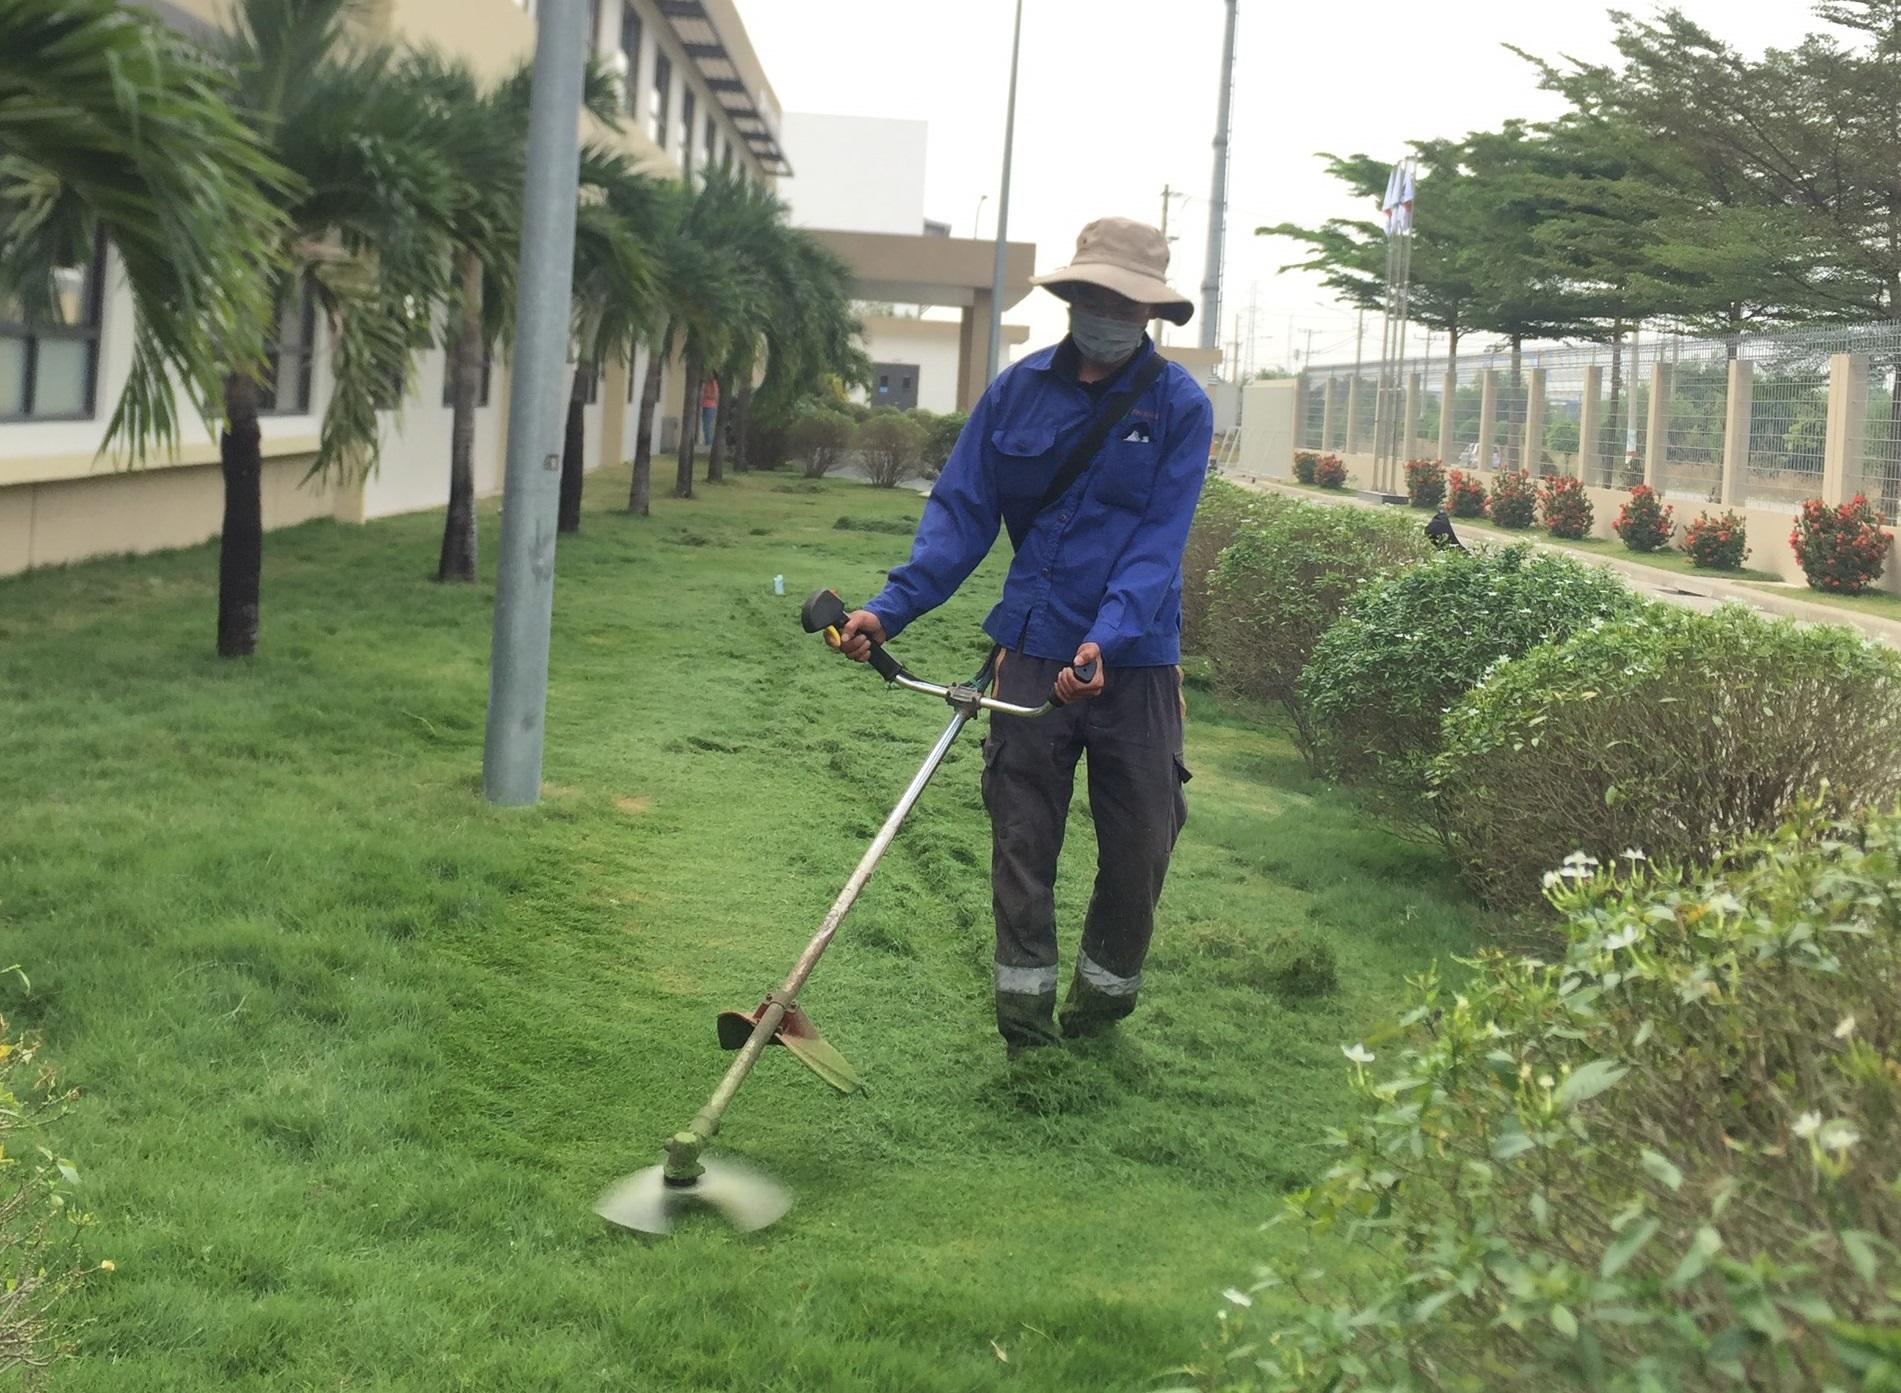 Thi công cắt cỏ tại kcn Bình Đường cùng Ngoại Thất Xanh